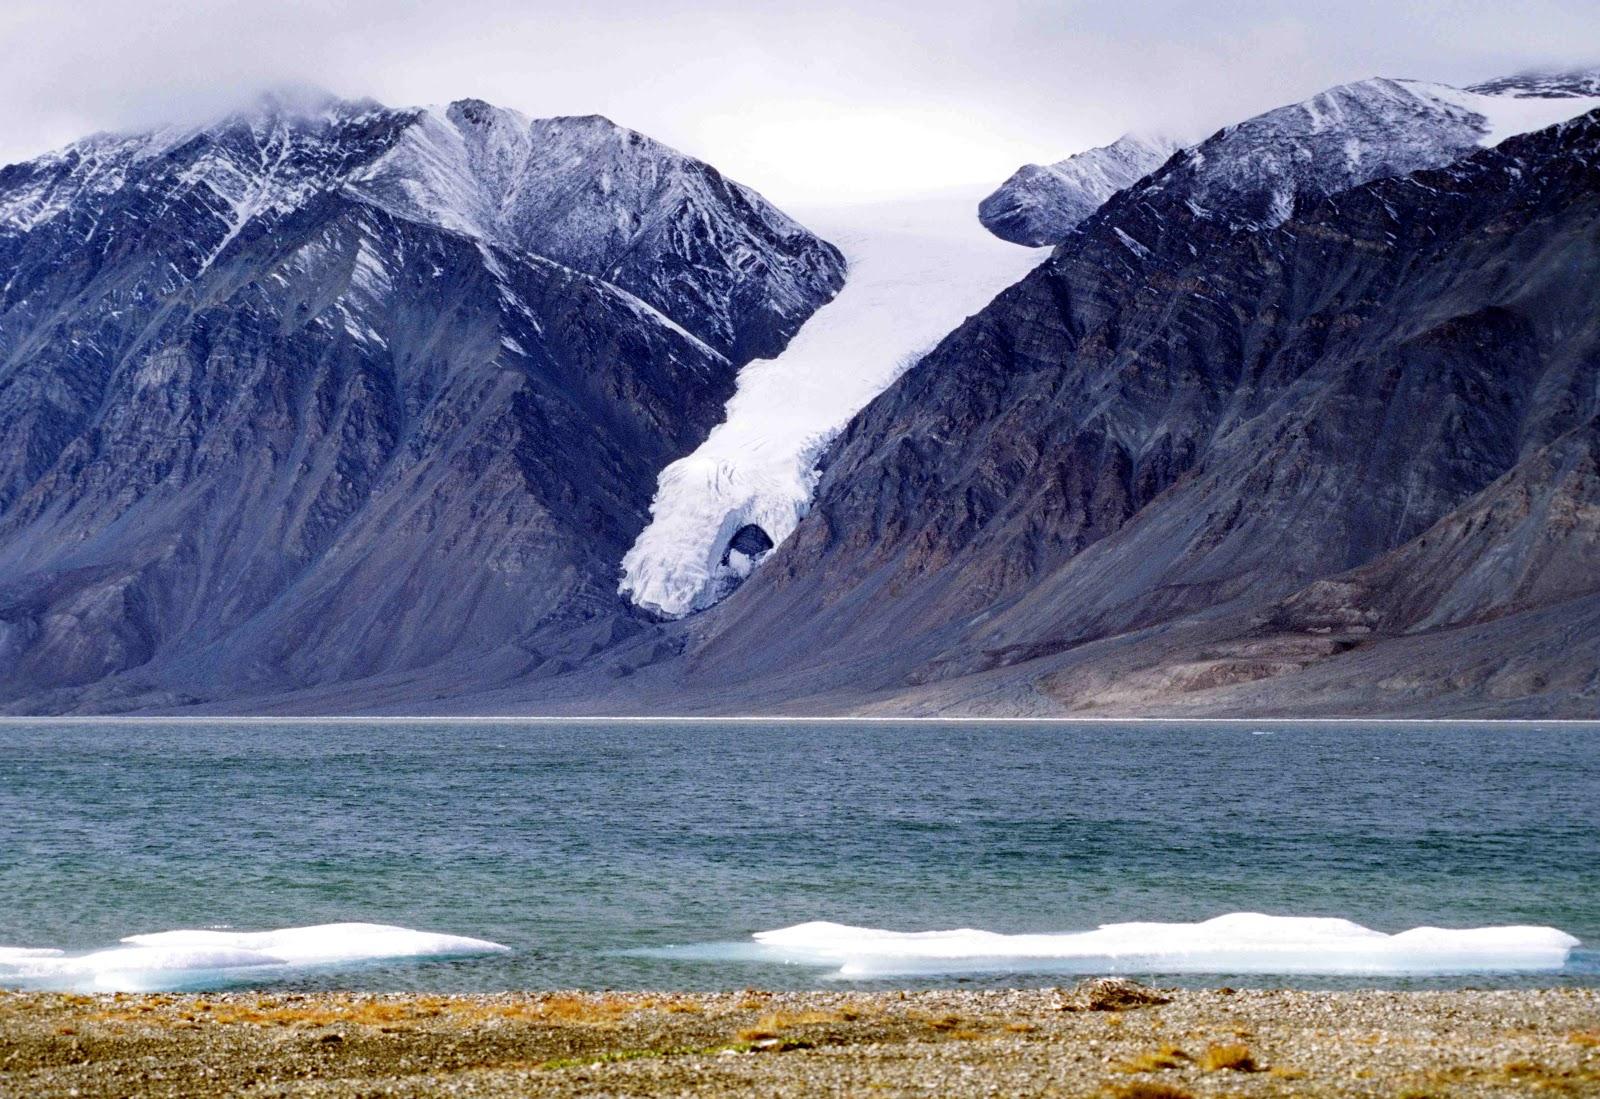 quttinirpaaq national park - Parks Canada Quttinirpaaq National Park Quttinirpaaq National